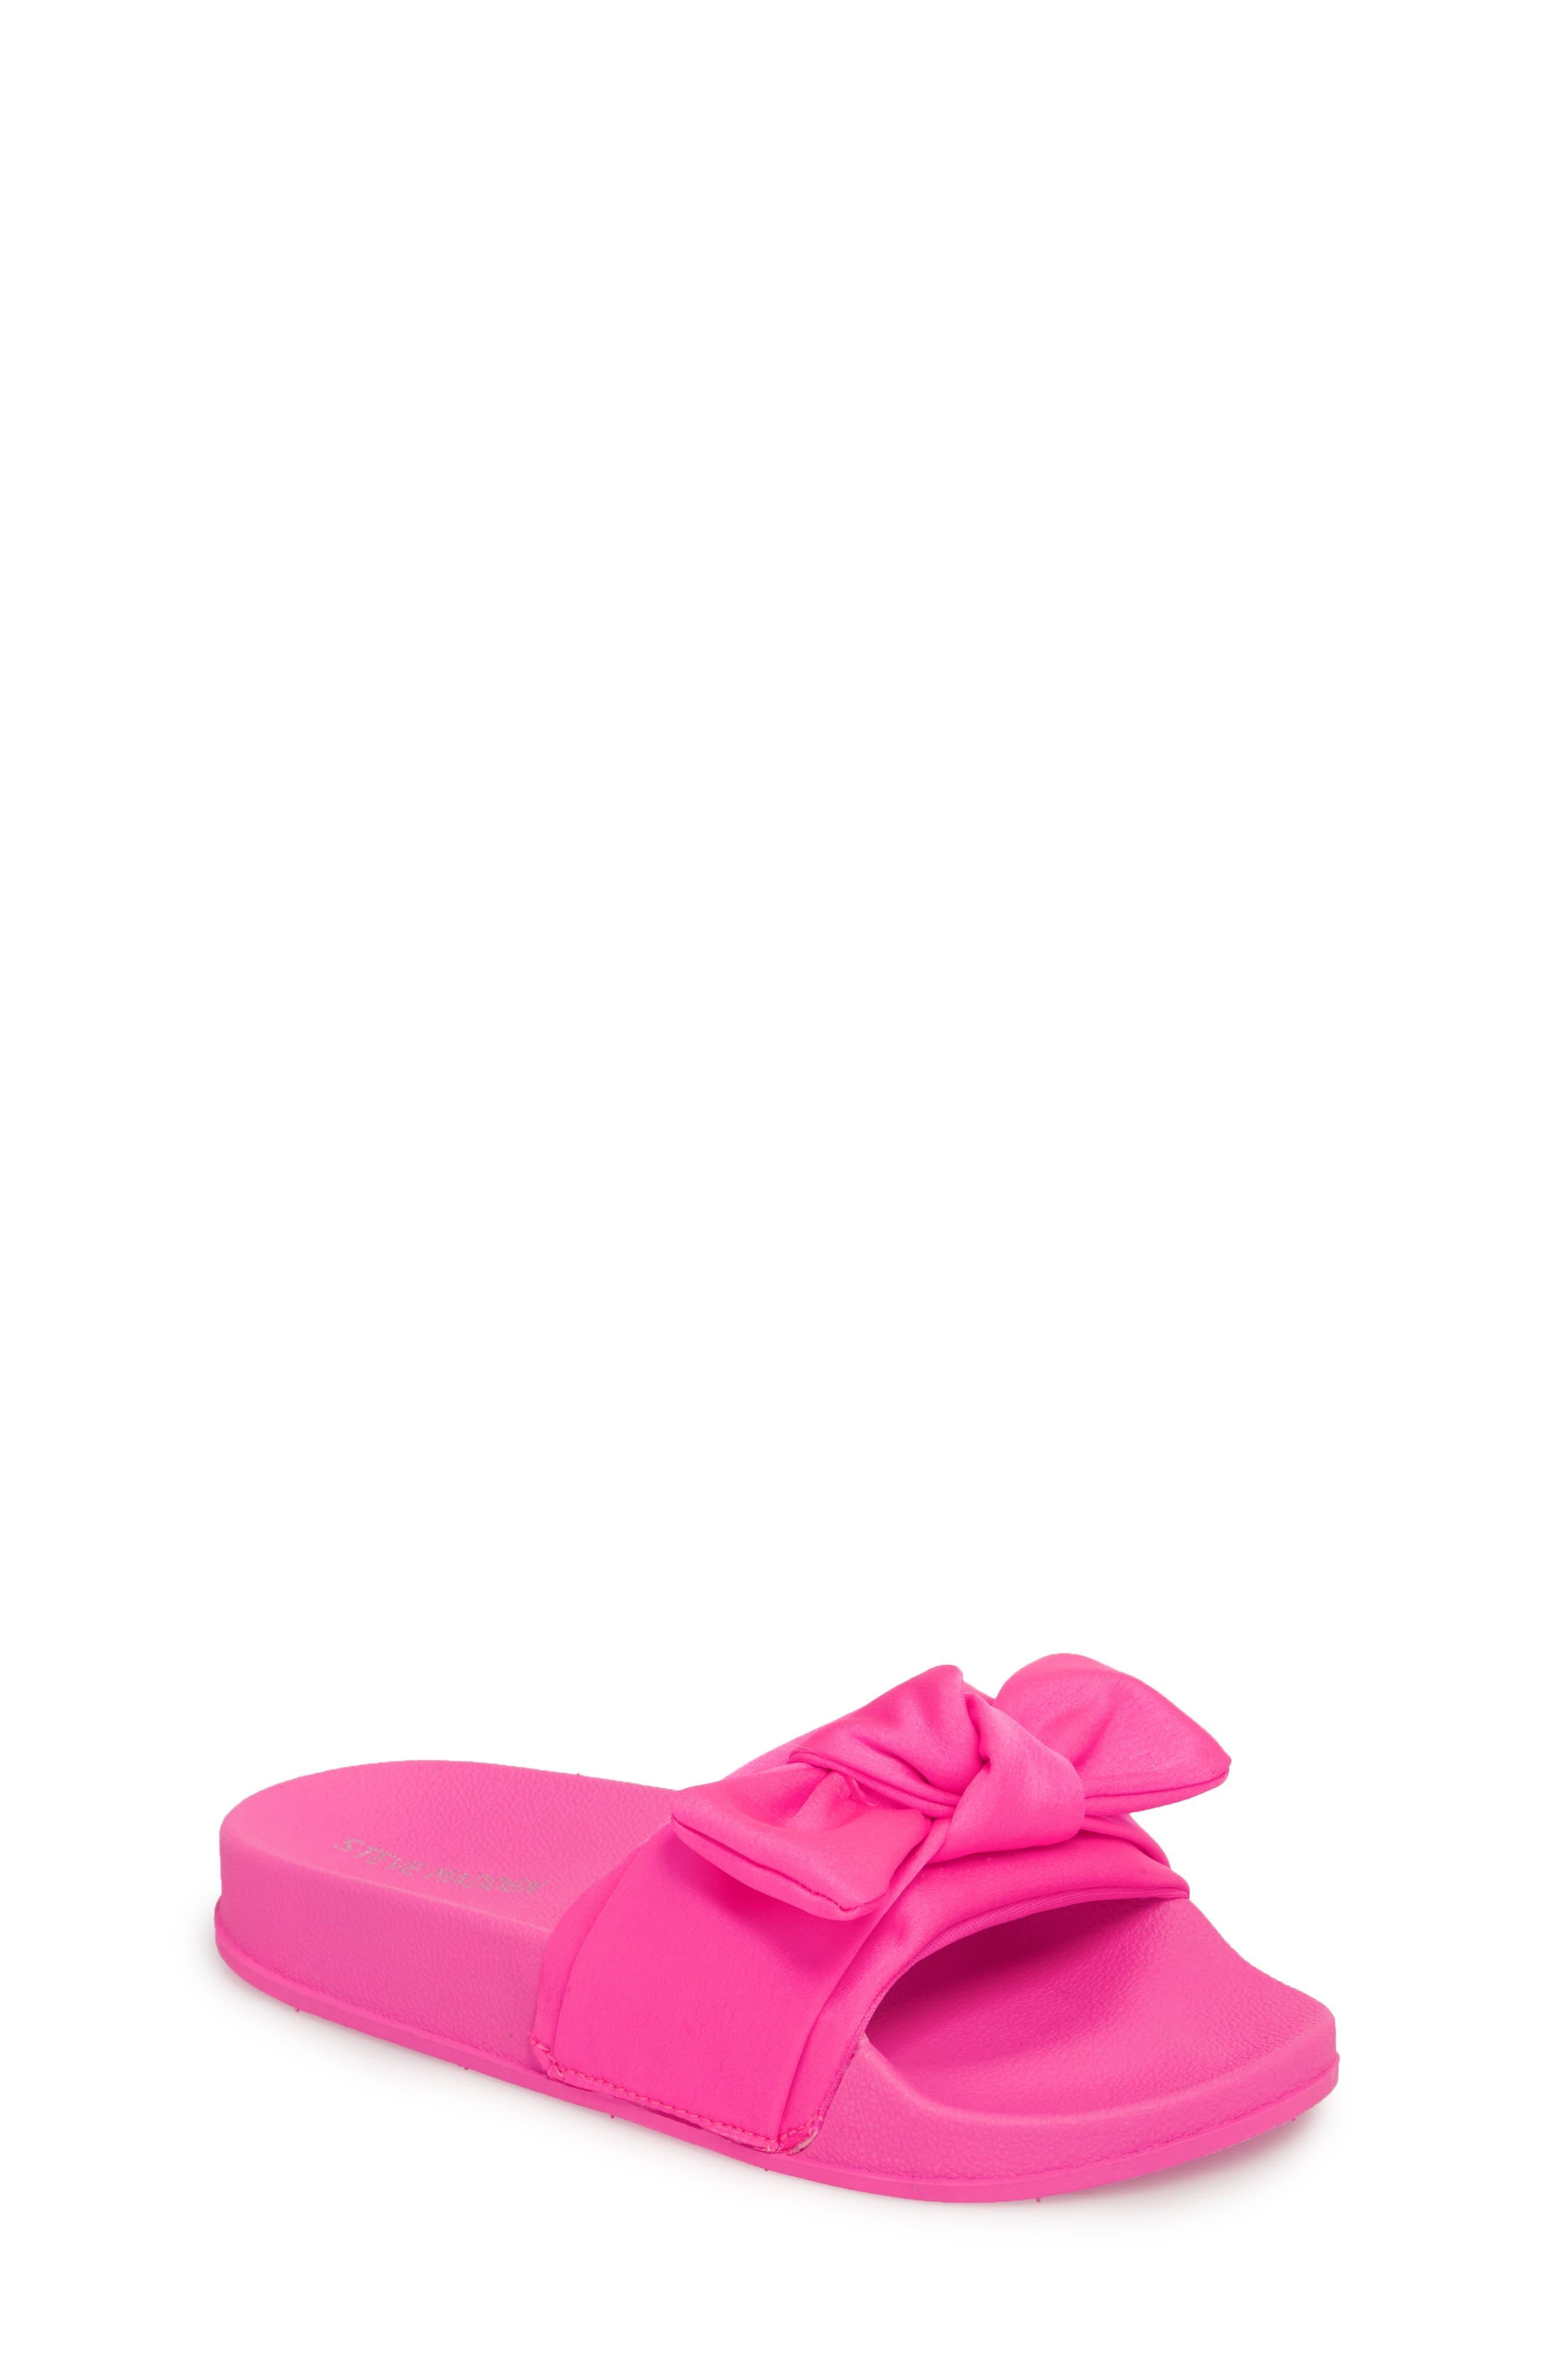 JSilky Slide Sandal,                         Main,                         color, HOT PINK